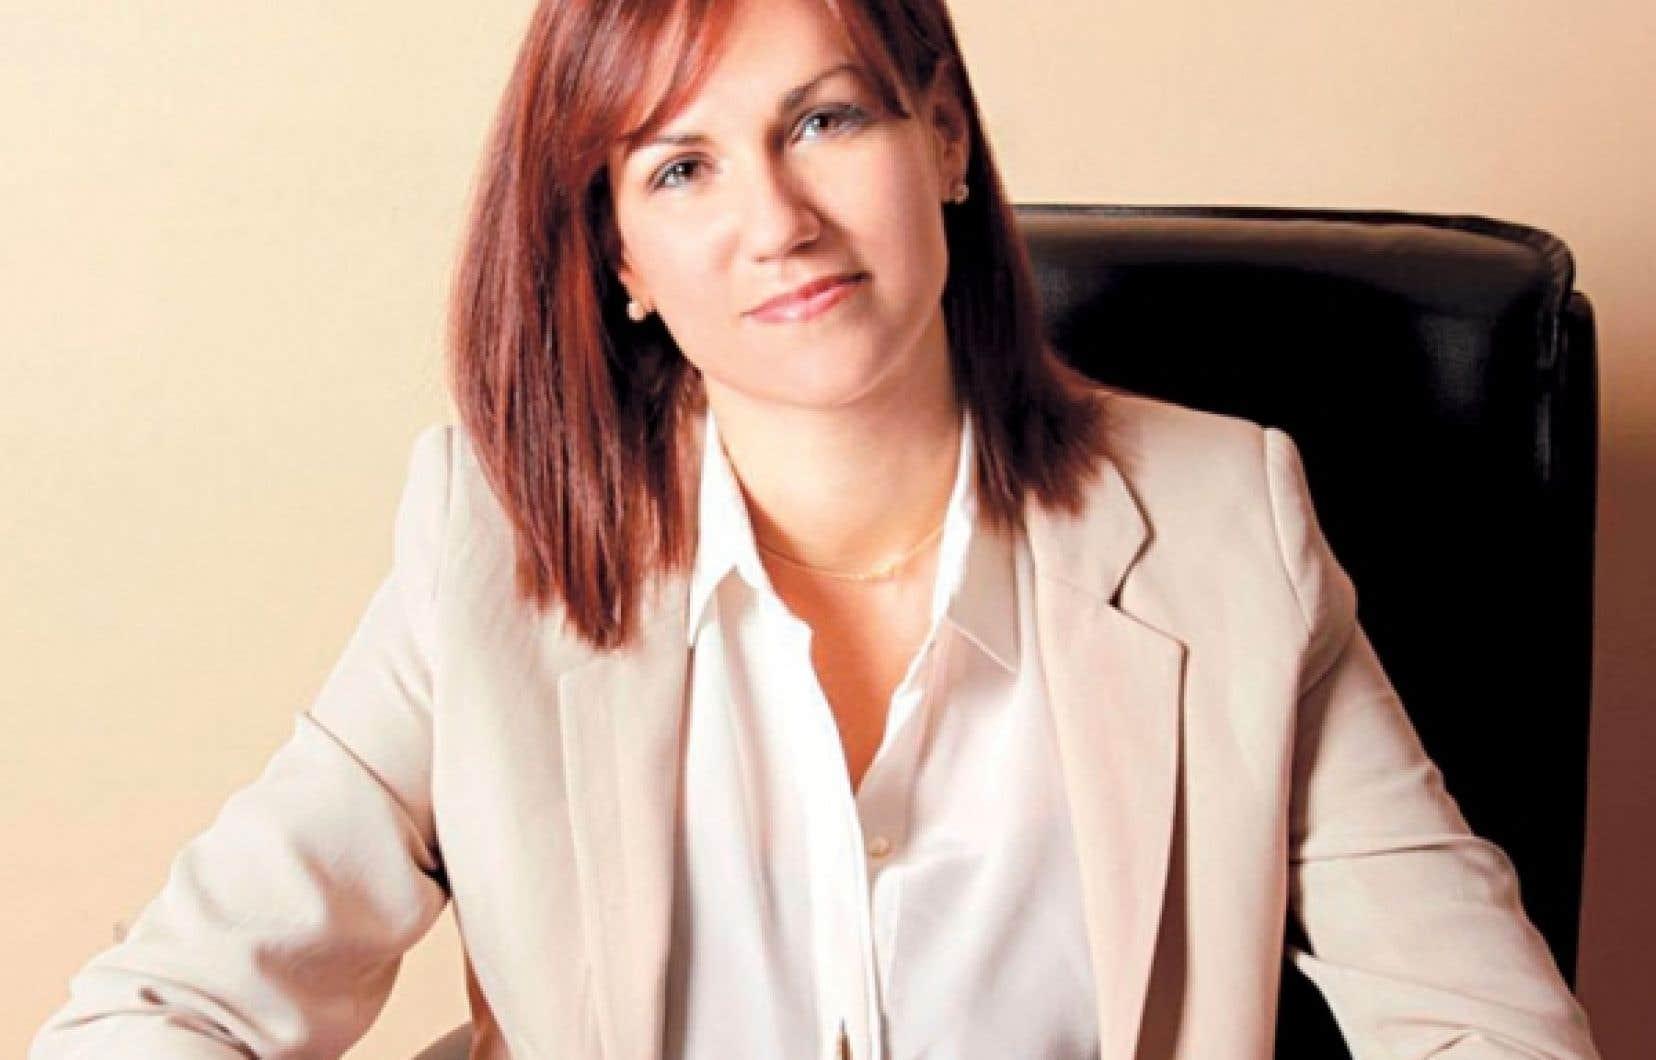 La ministre haïtienne du Tourisme, Stéphanie Balmir Villedrouin, se donne deux ans pour ramener les touristes dans l'île d'Hispaniola. Elle était de passage à Montréal il y a quelques jours.